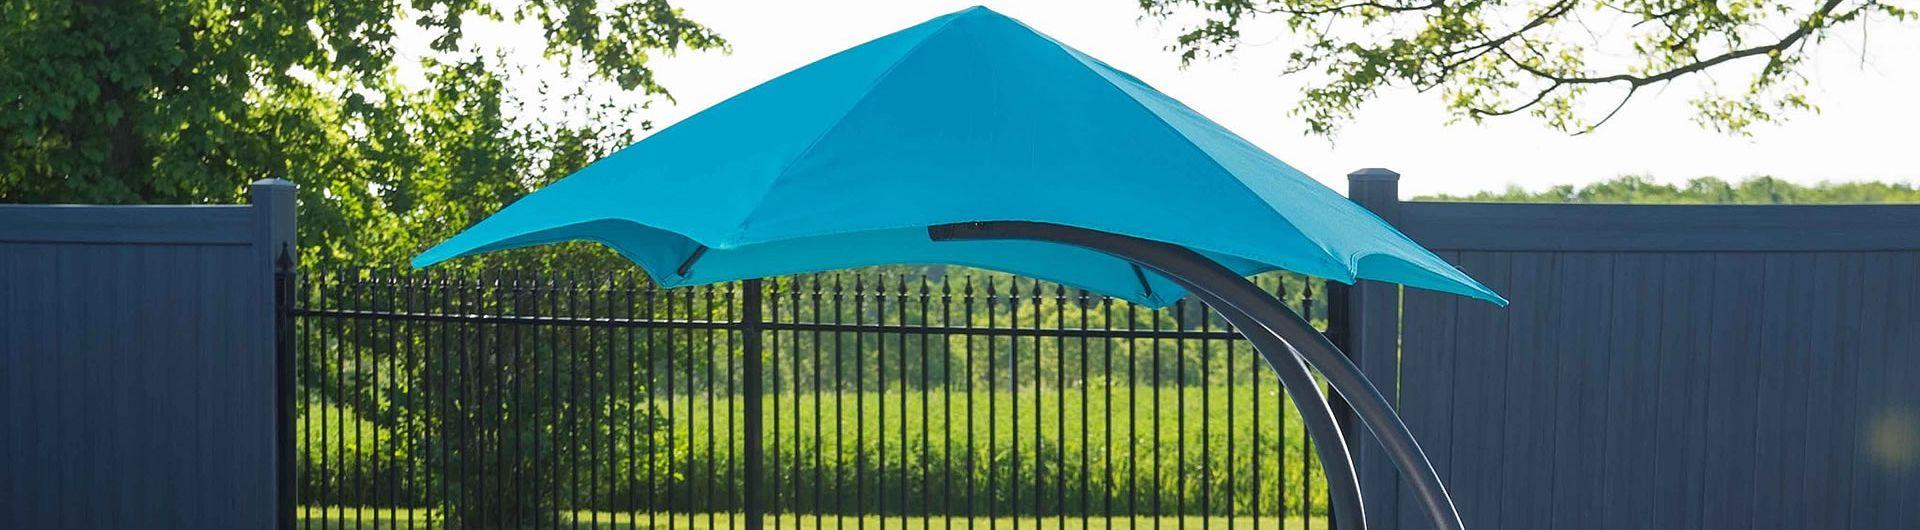 Vivere Umbrella blue